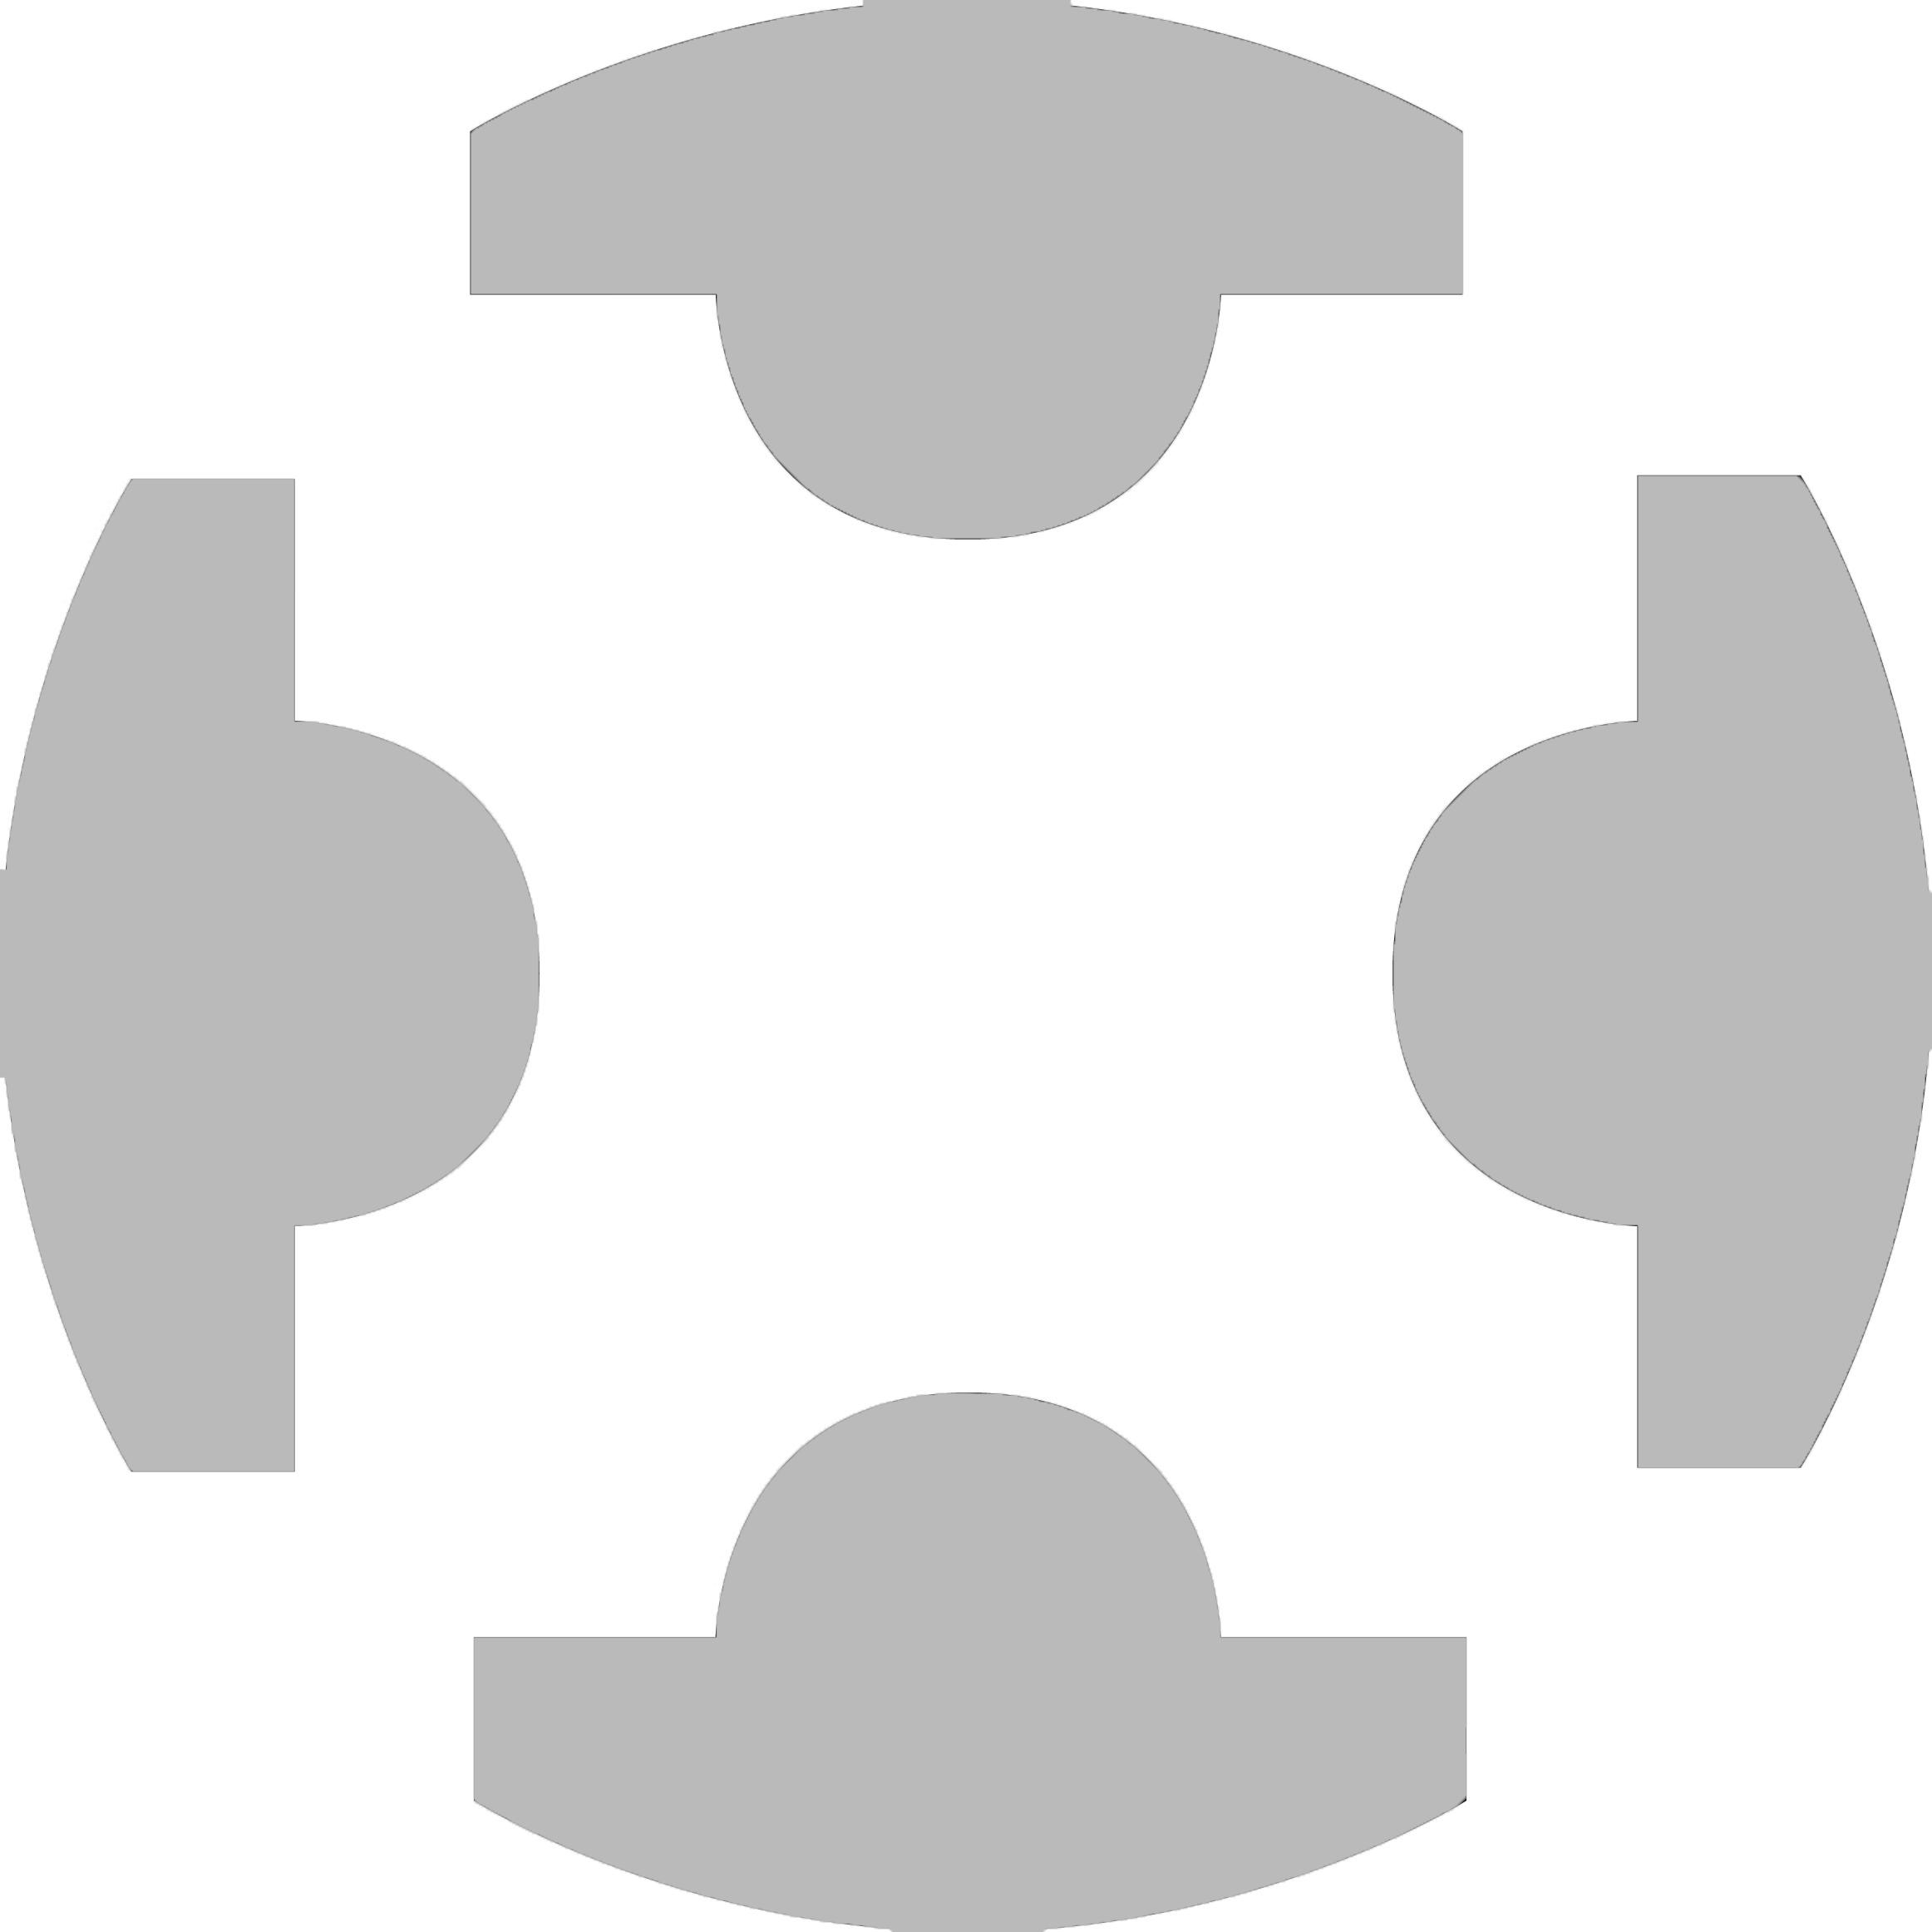 logogray